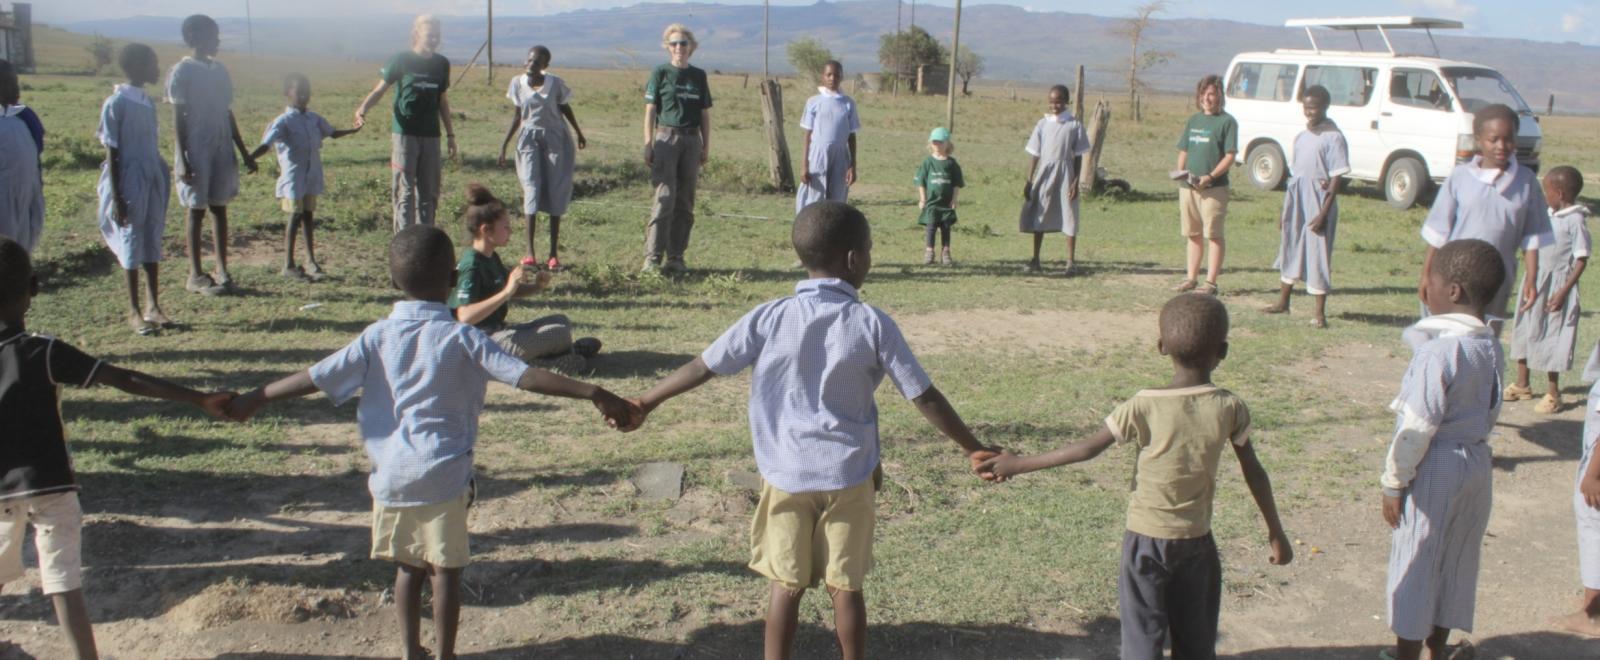 Voluntariado en familia ayudando en una actividad didáctica con niños kenianos.